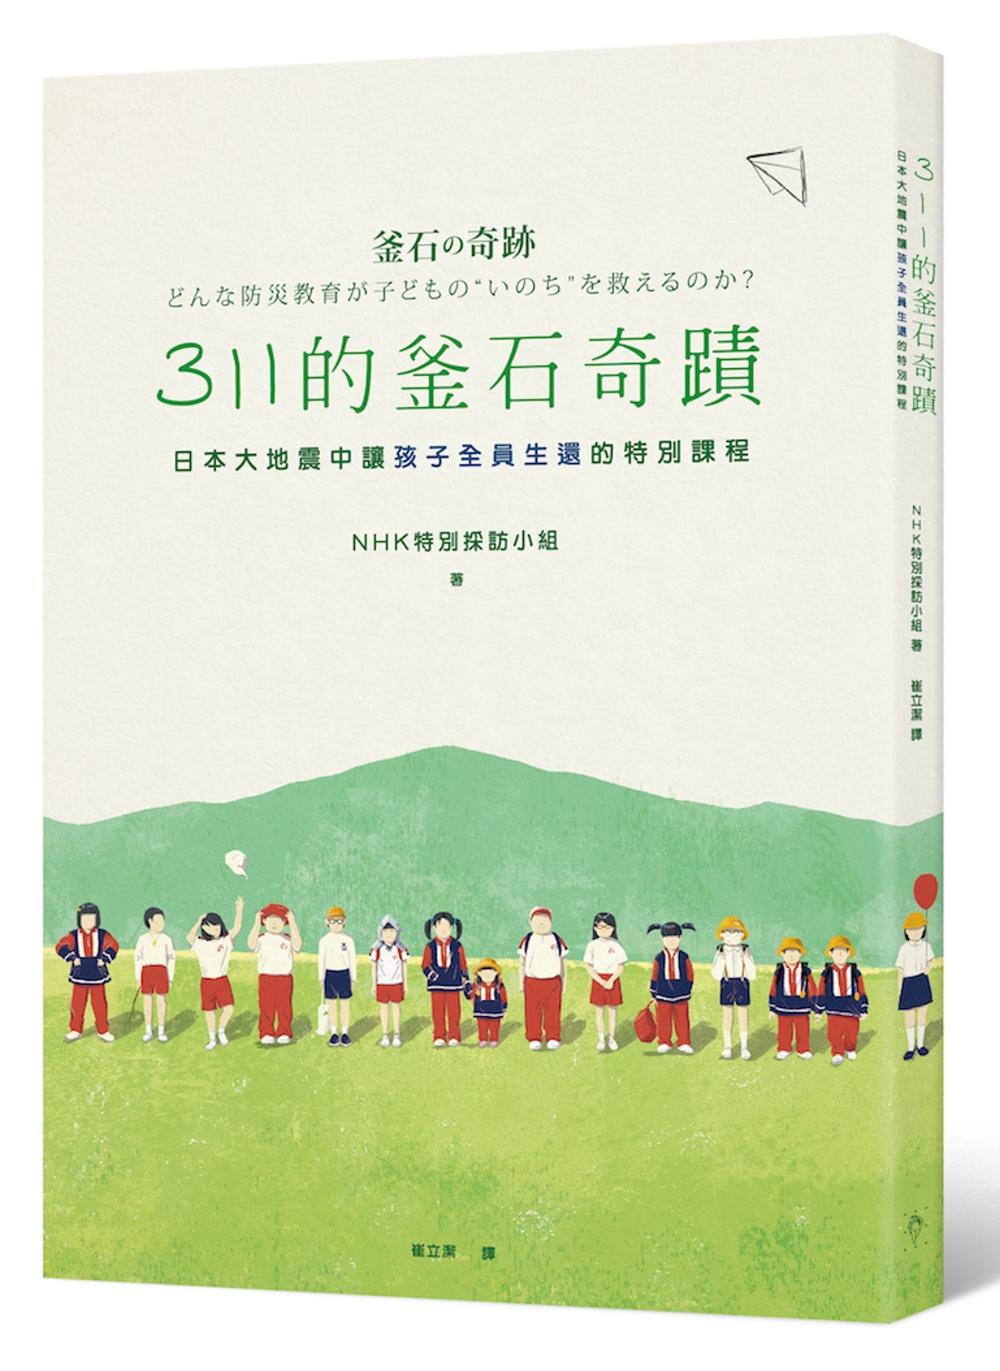 311的釜石奇蹟:日本大地震中讓孩子全員生還的特別課程